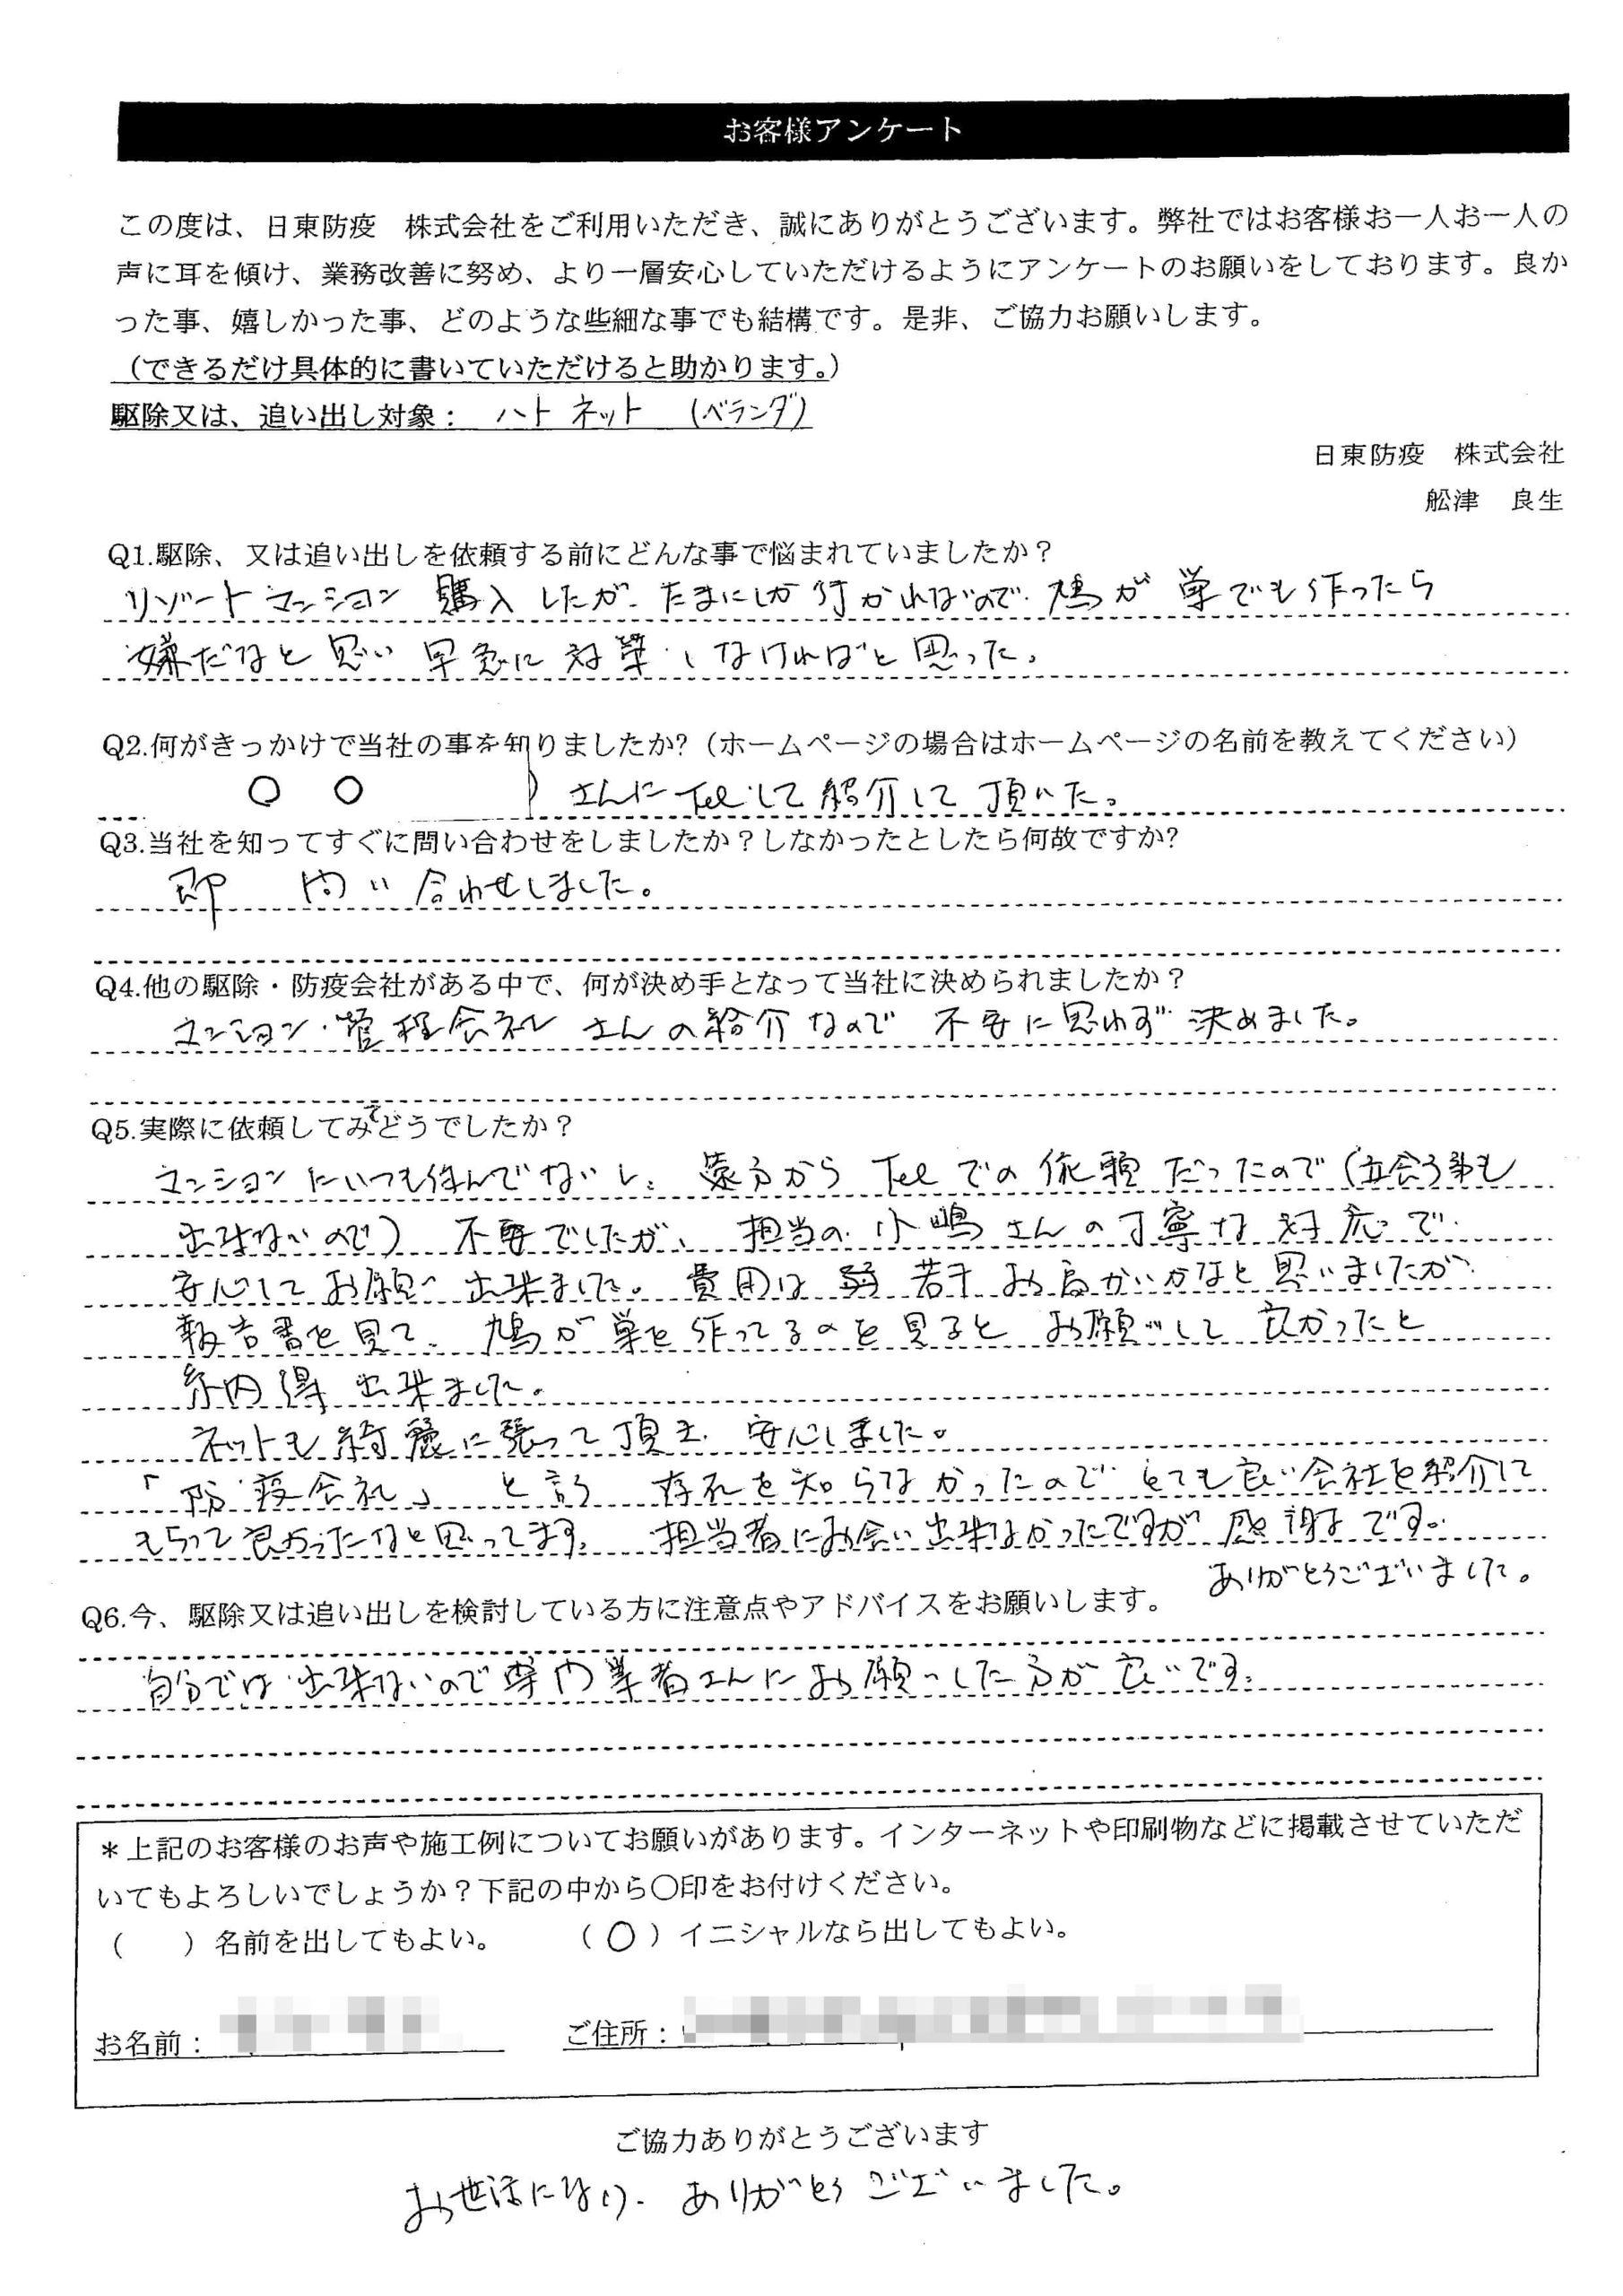 画像:S様アンケート用紙